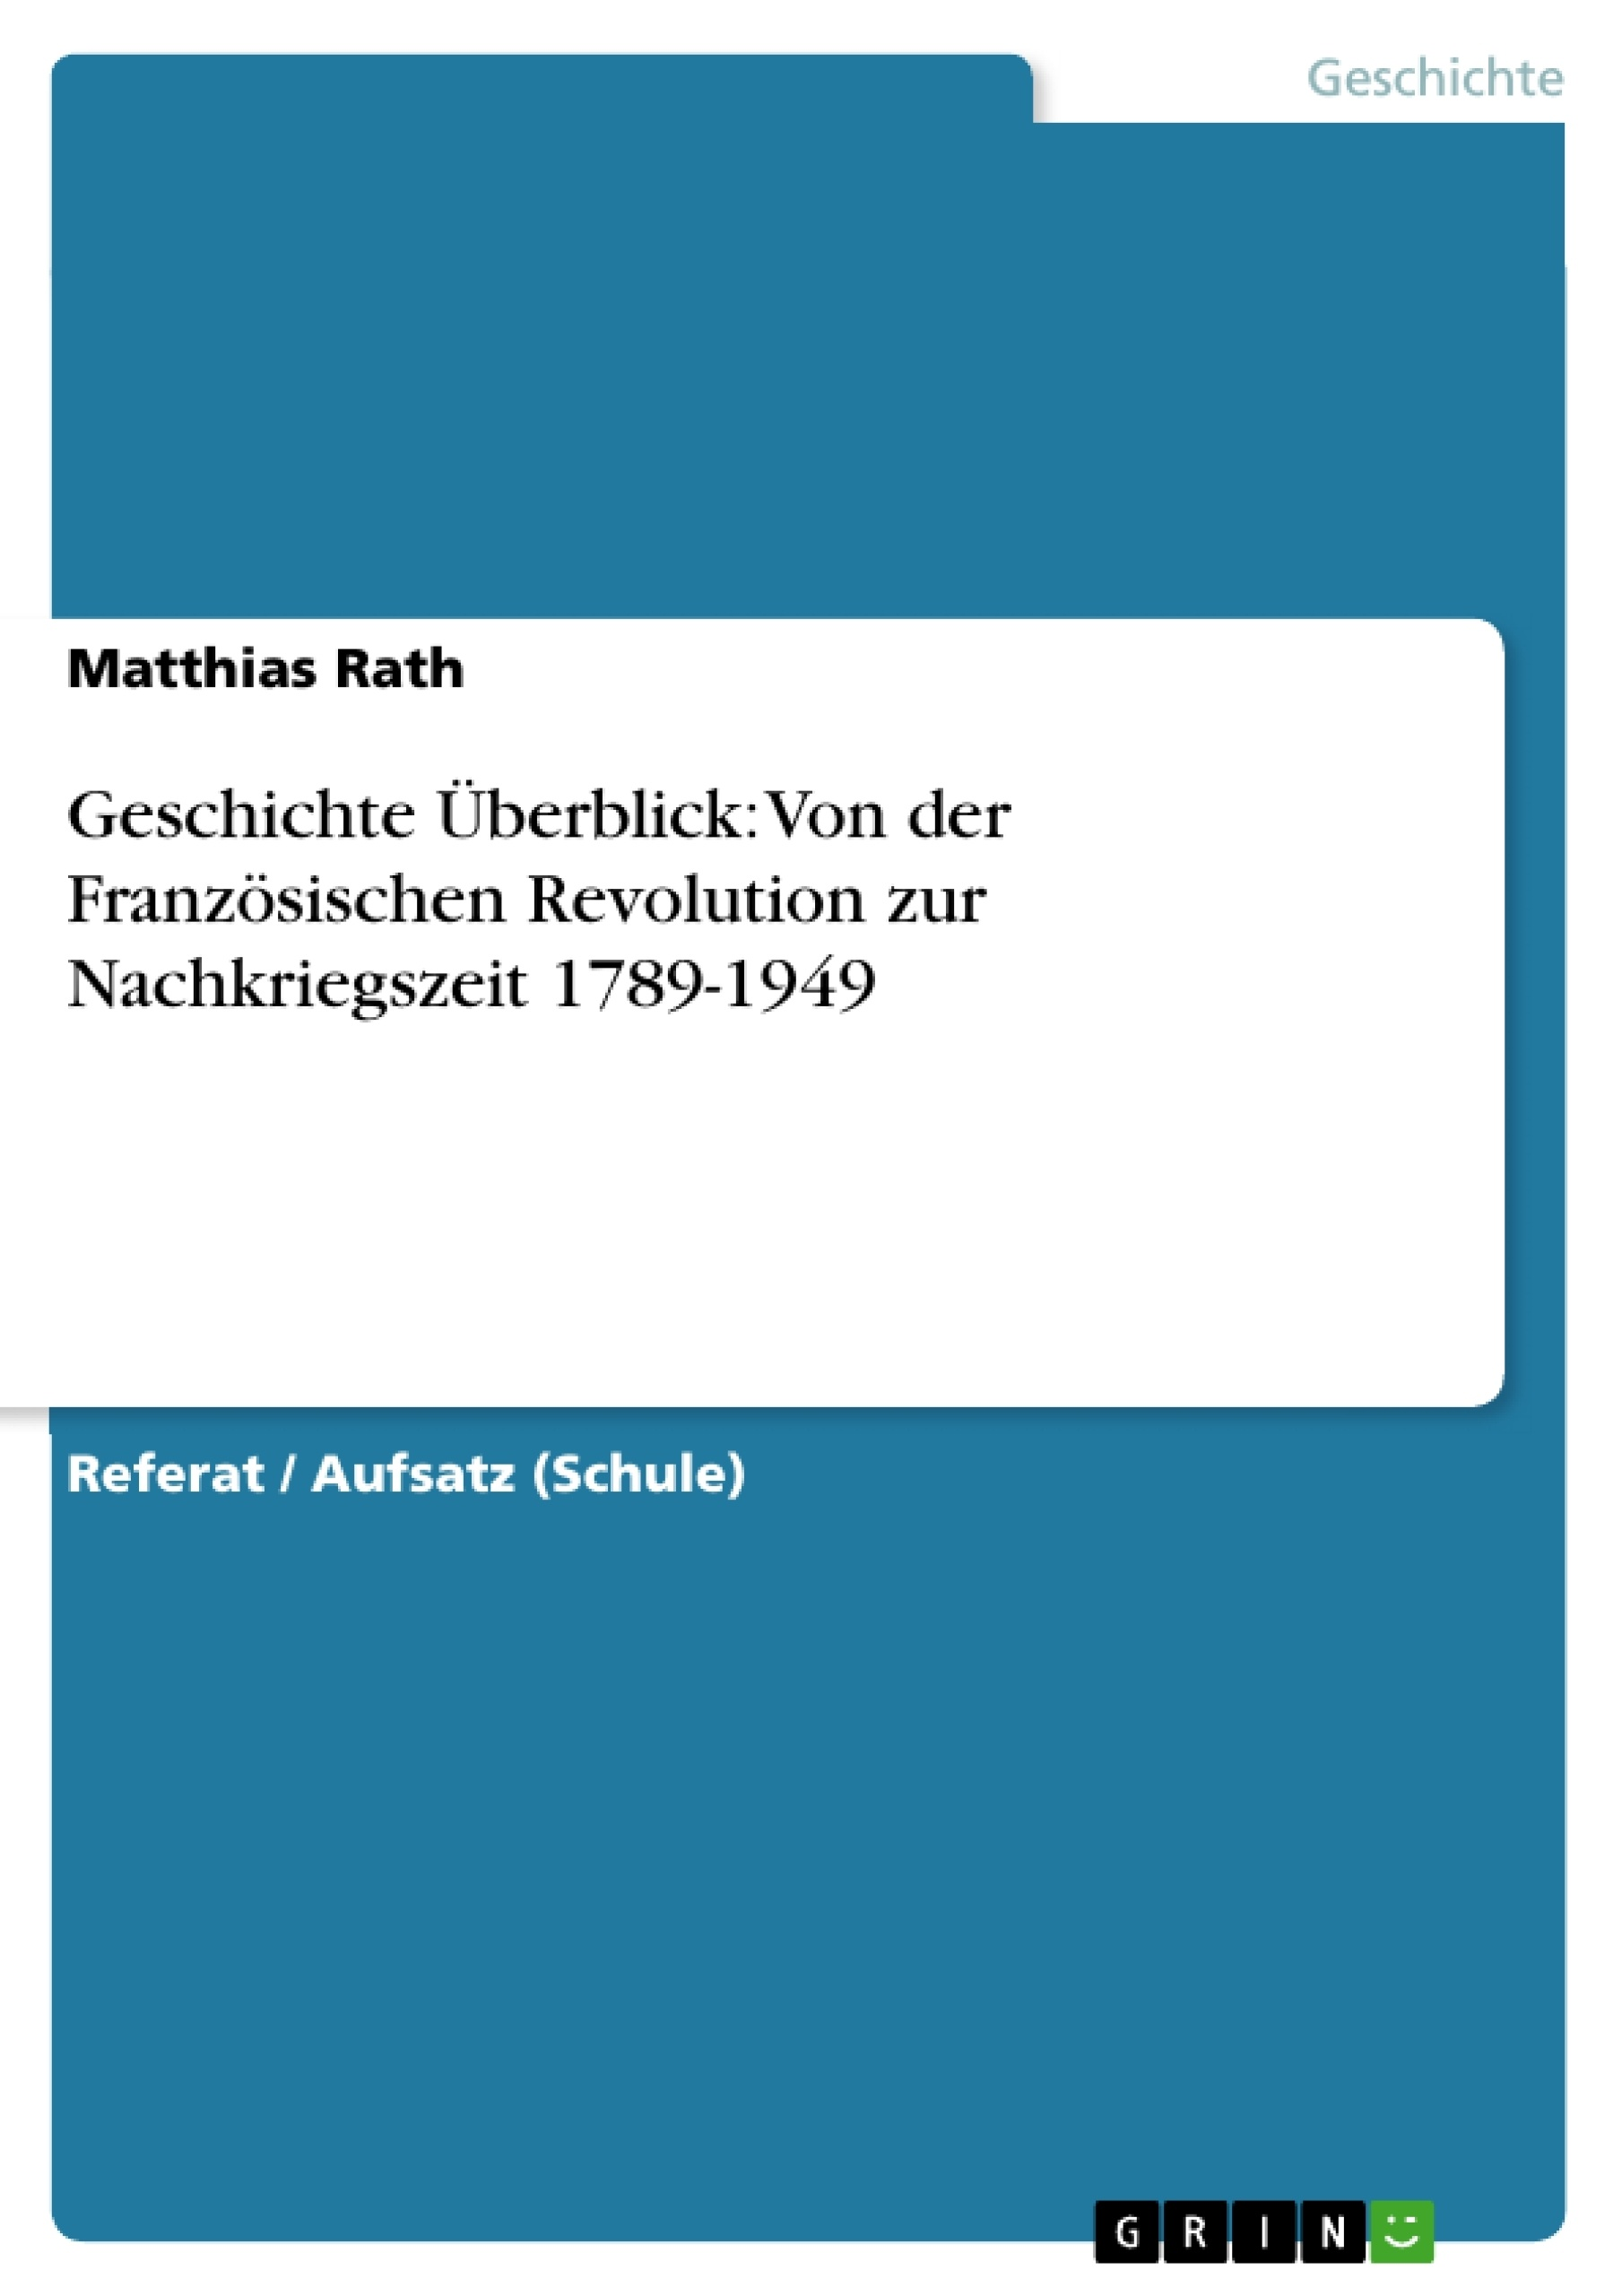 Titel: Geschichte Überblick: Von der Französischen Revolution zur Nachkriegszeit 1789-1949